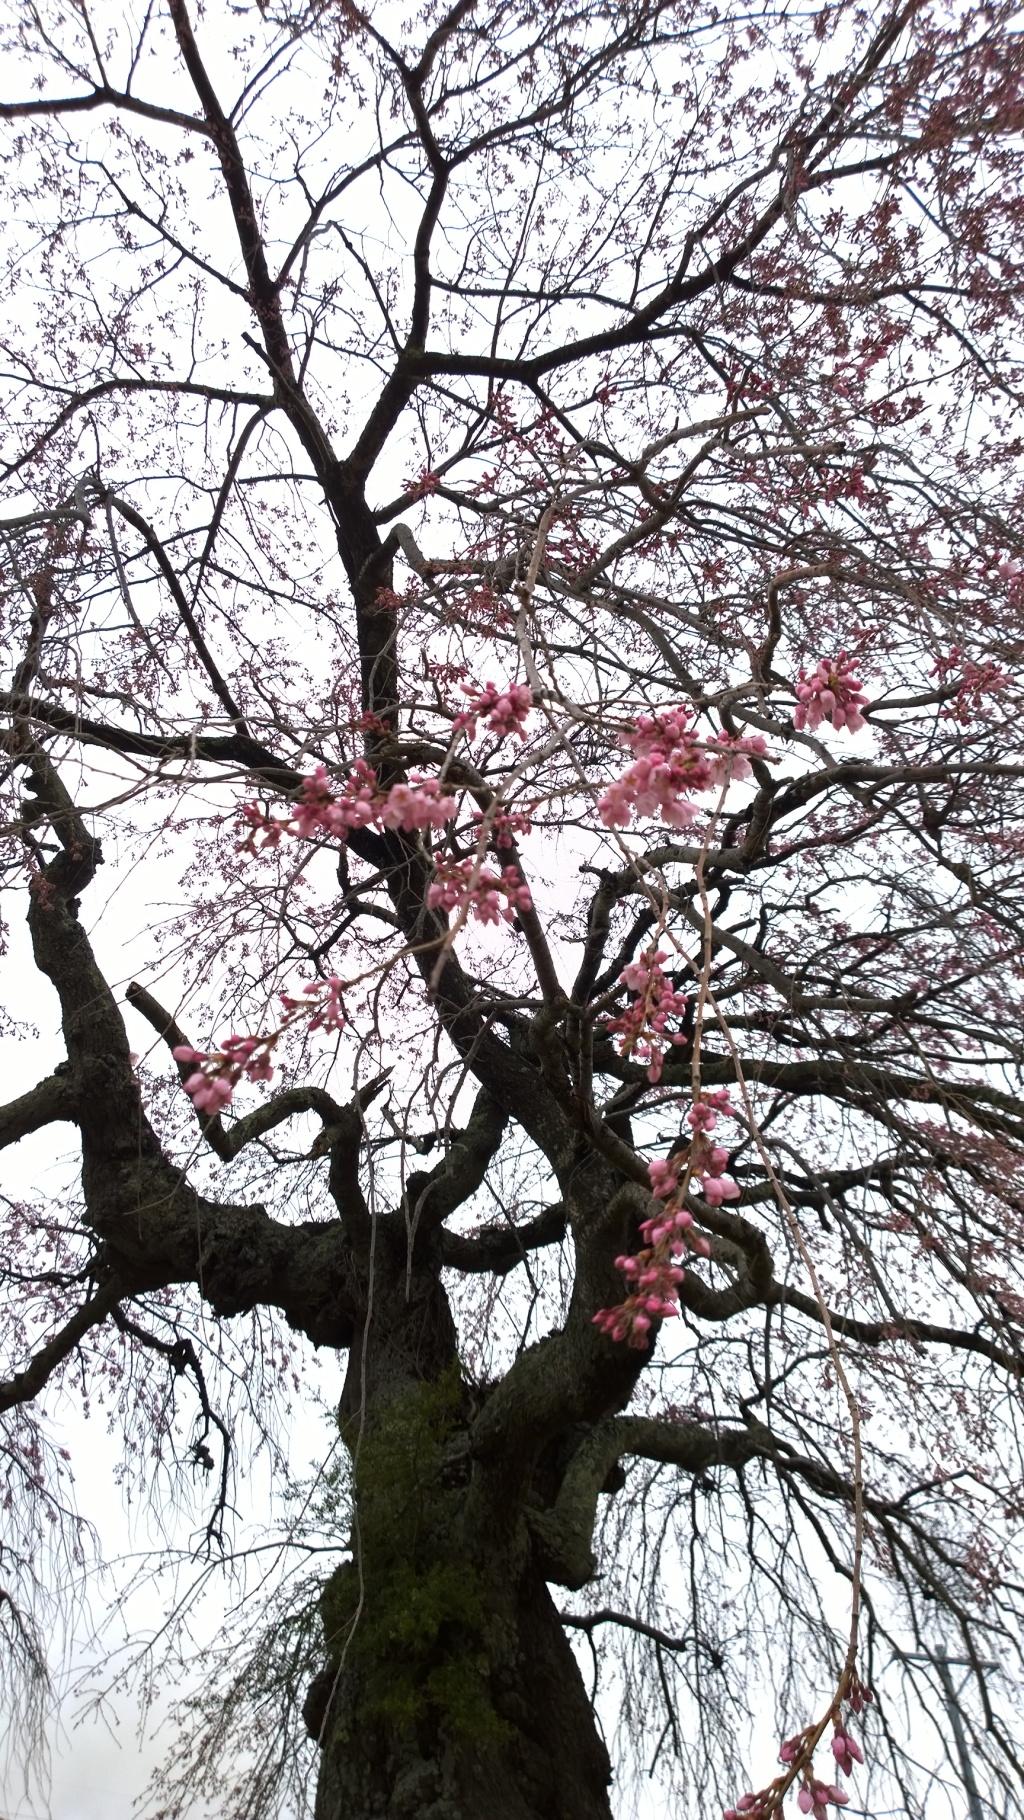 開花を迎えた葛窪の枝垂れ桜2